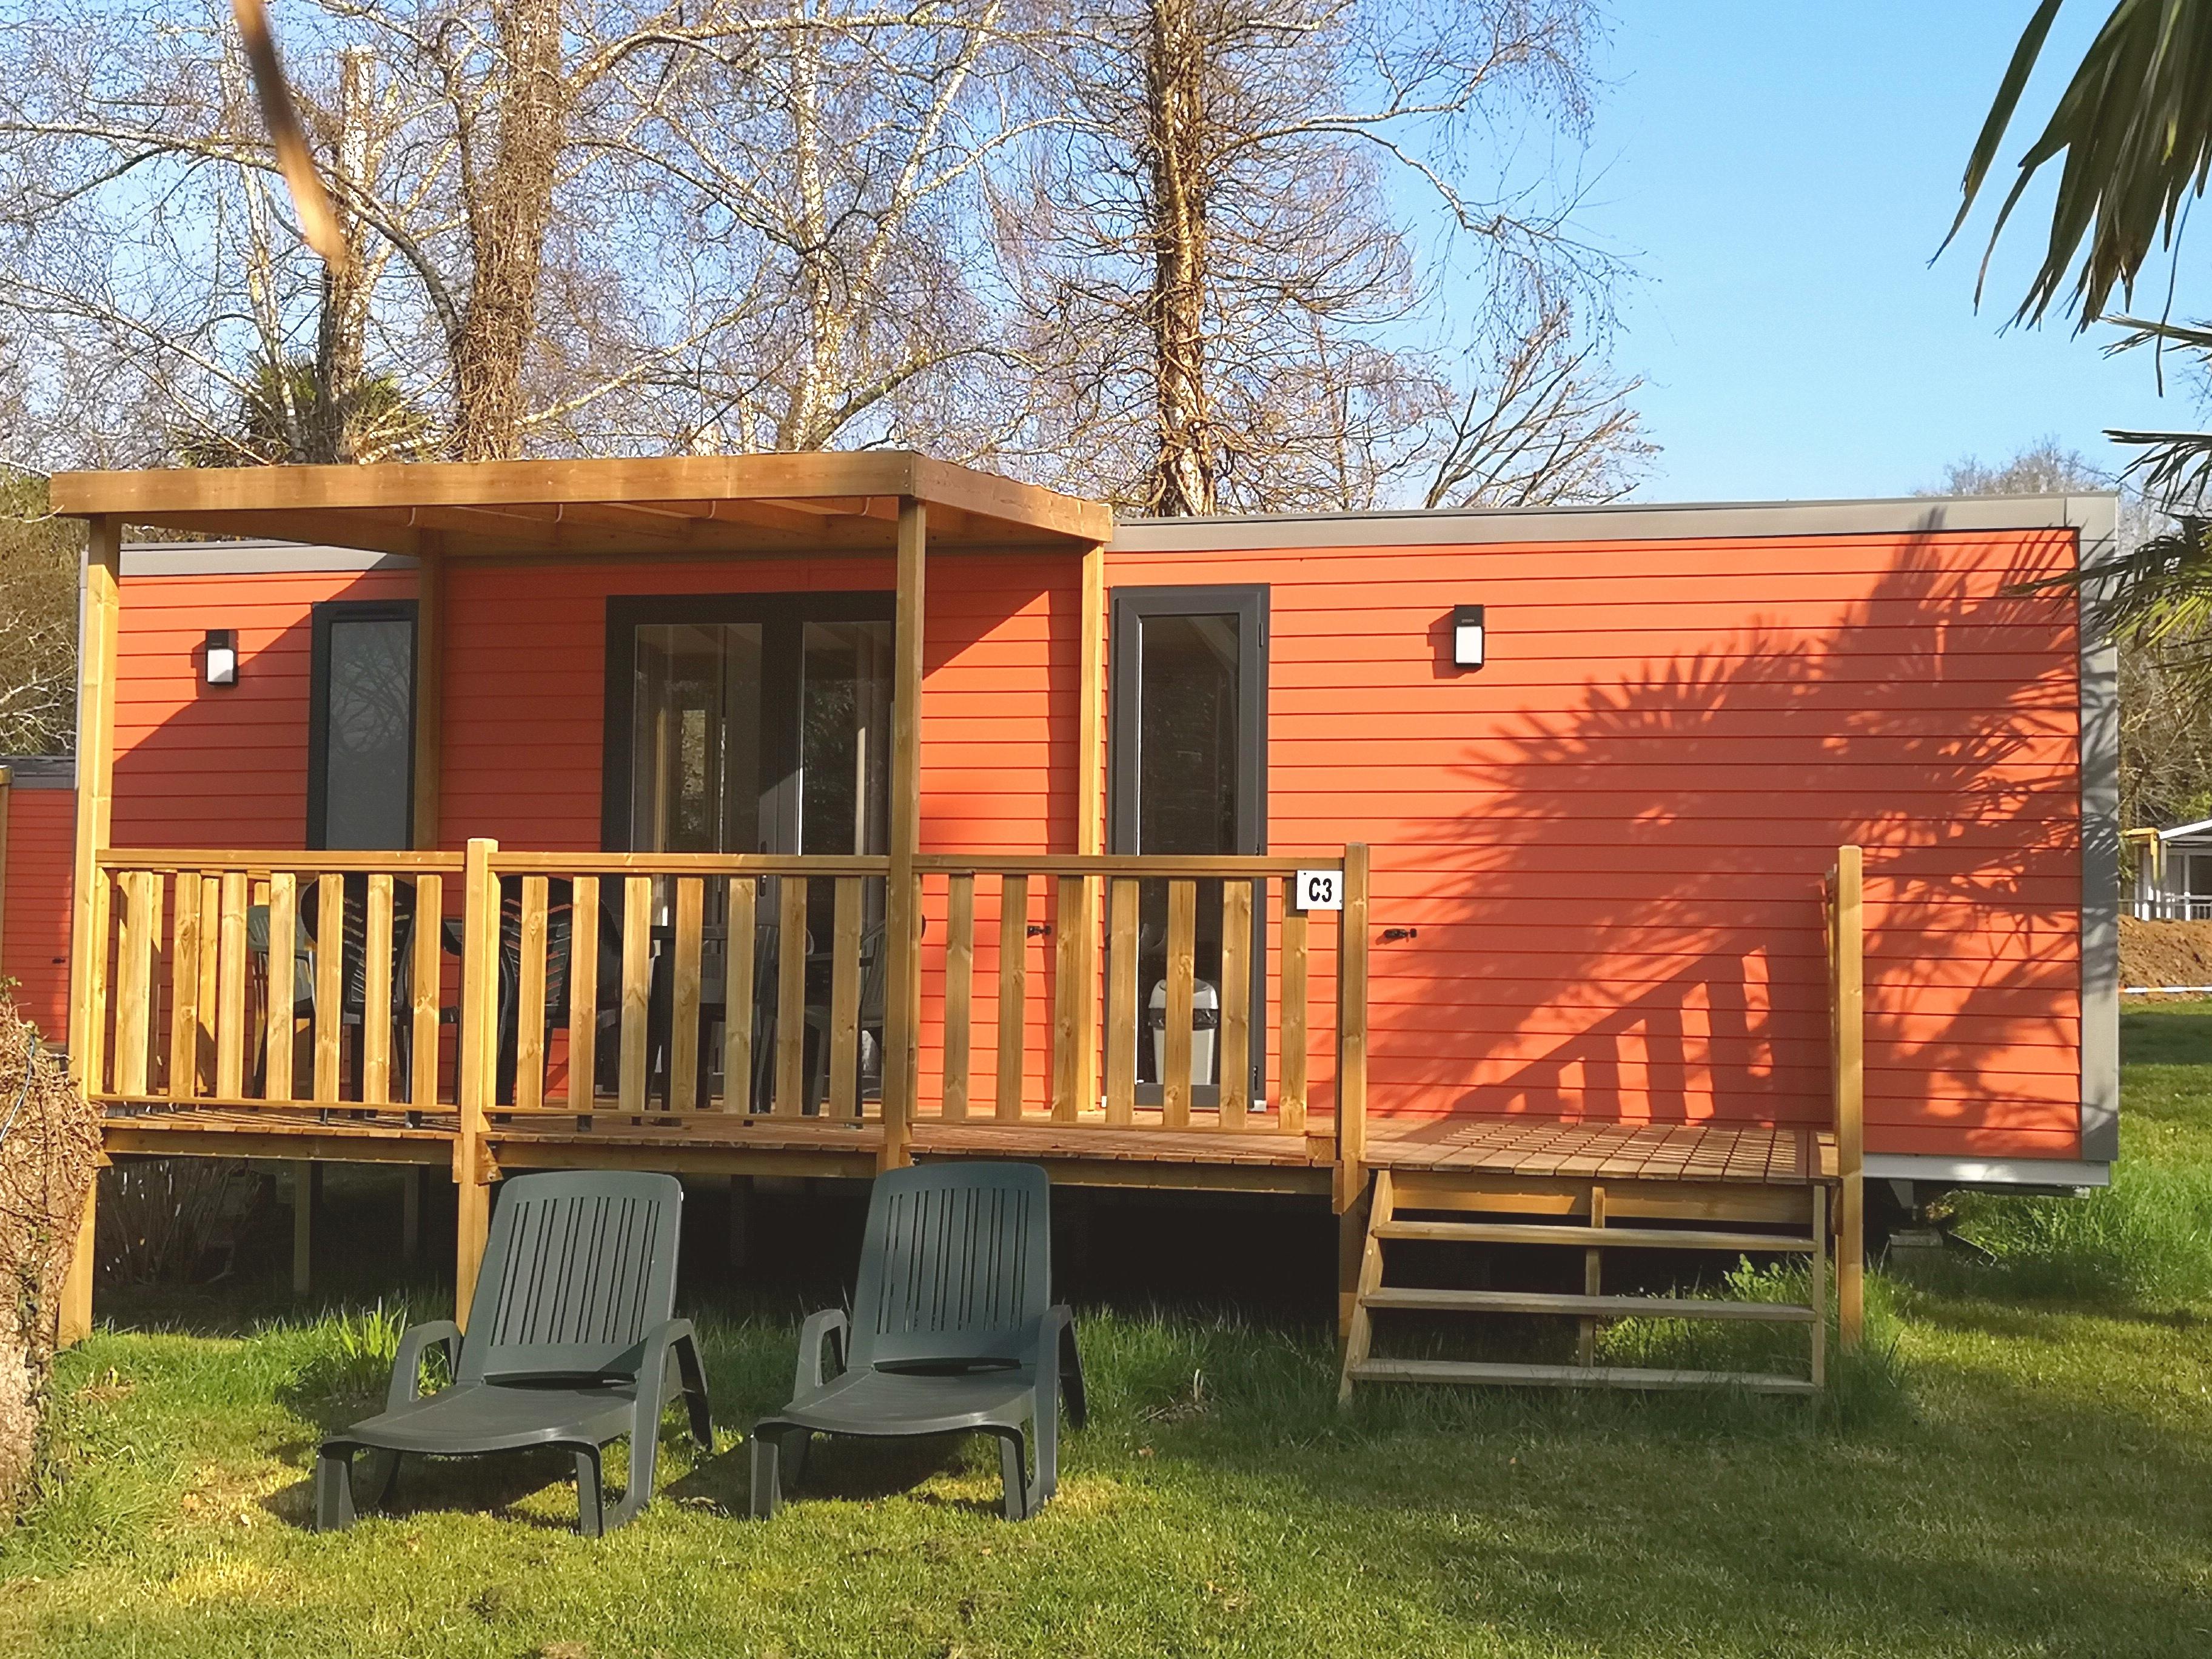 Location - Cottage Premium 3 Chambres 1 Salle De Bain 35 M² + Grande Terrasse En Bois Semi Couverte 15 M² - Nouveau 2020 - Camping Castel L'Orangerie de Lanniron